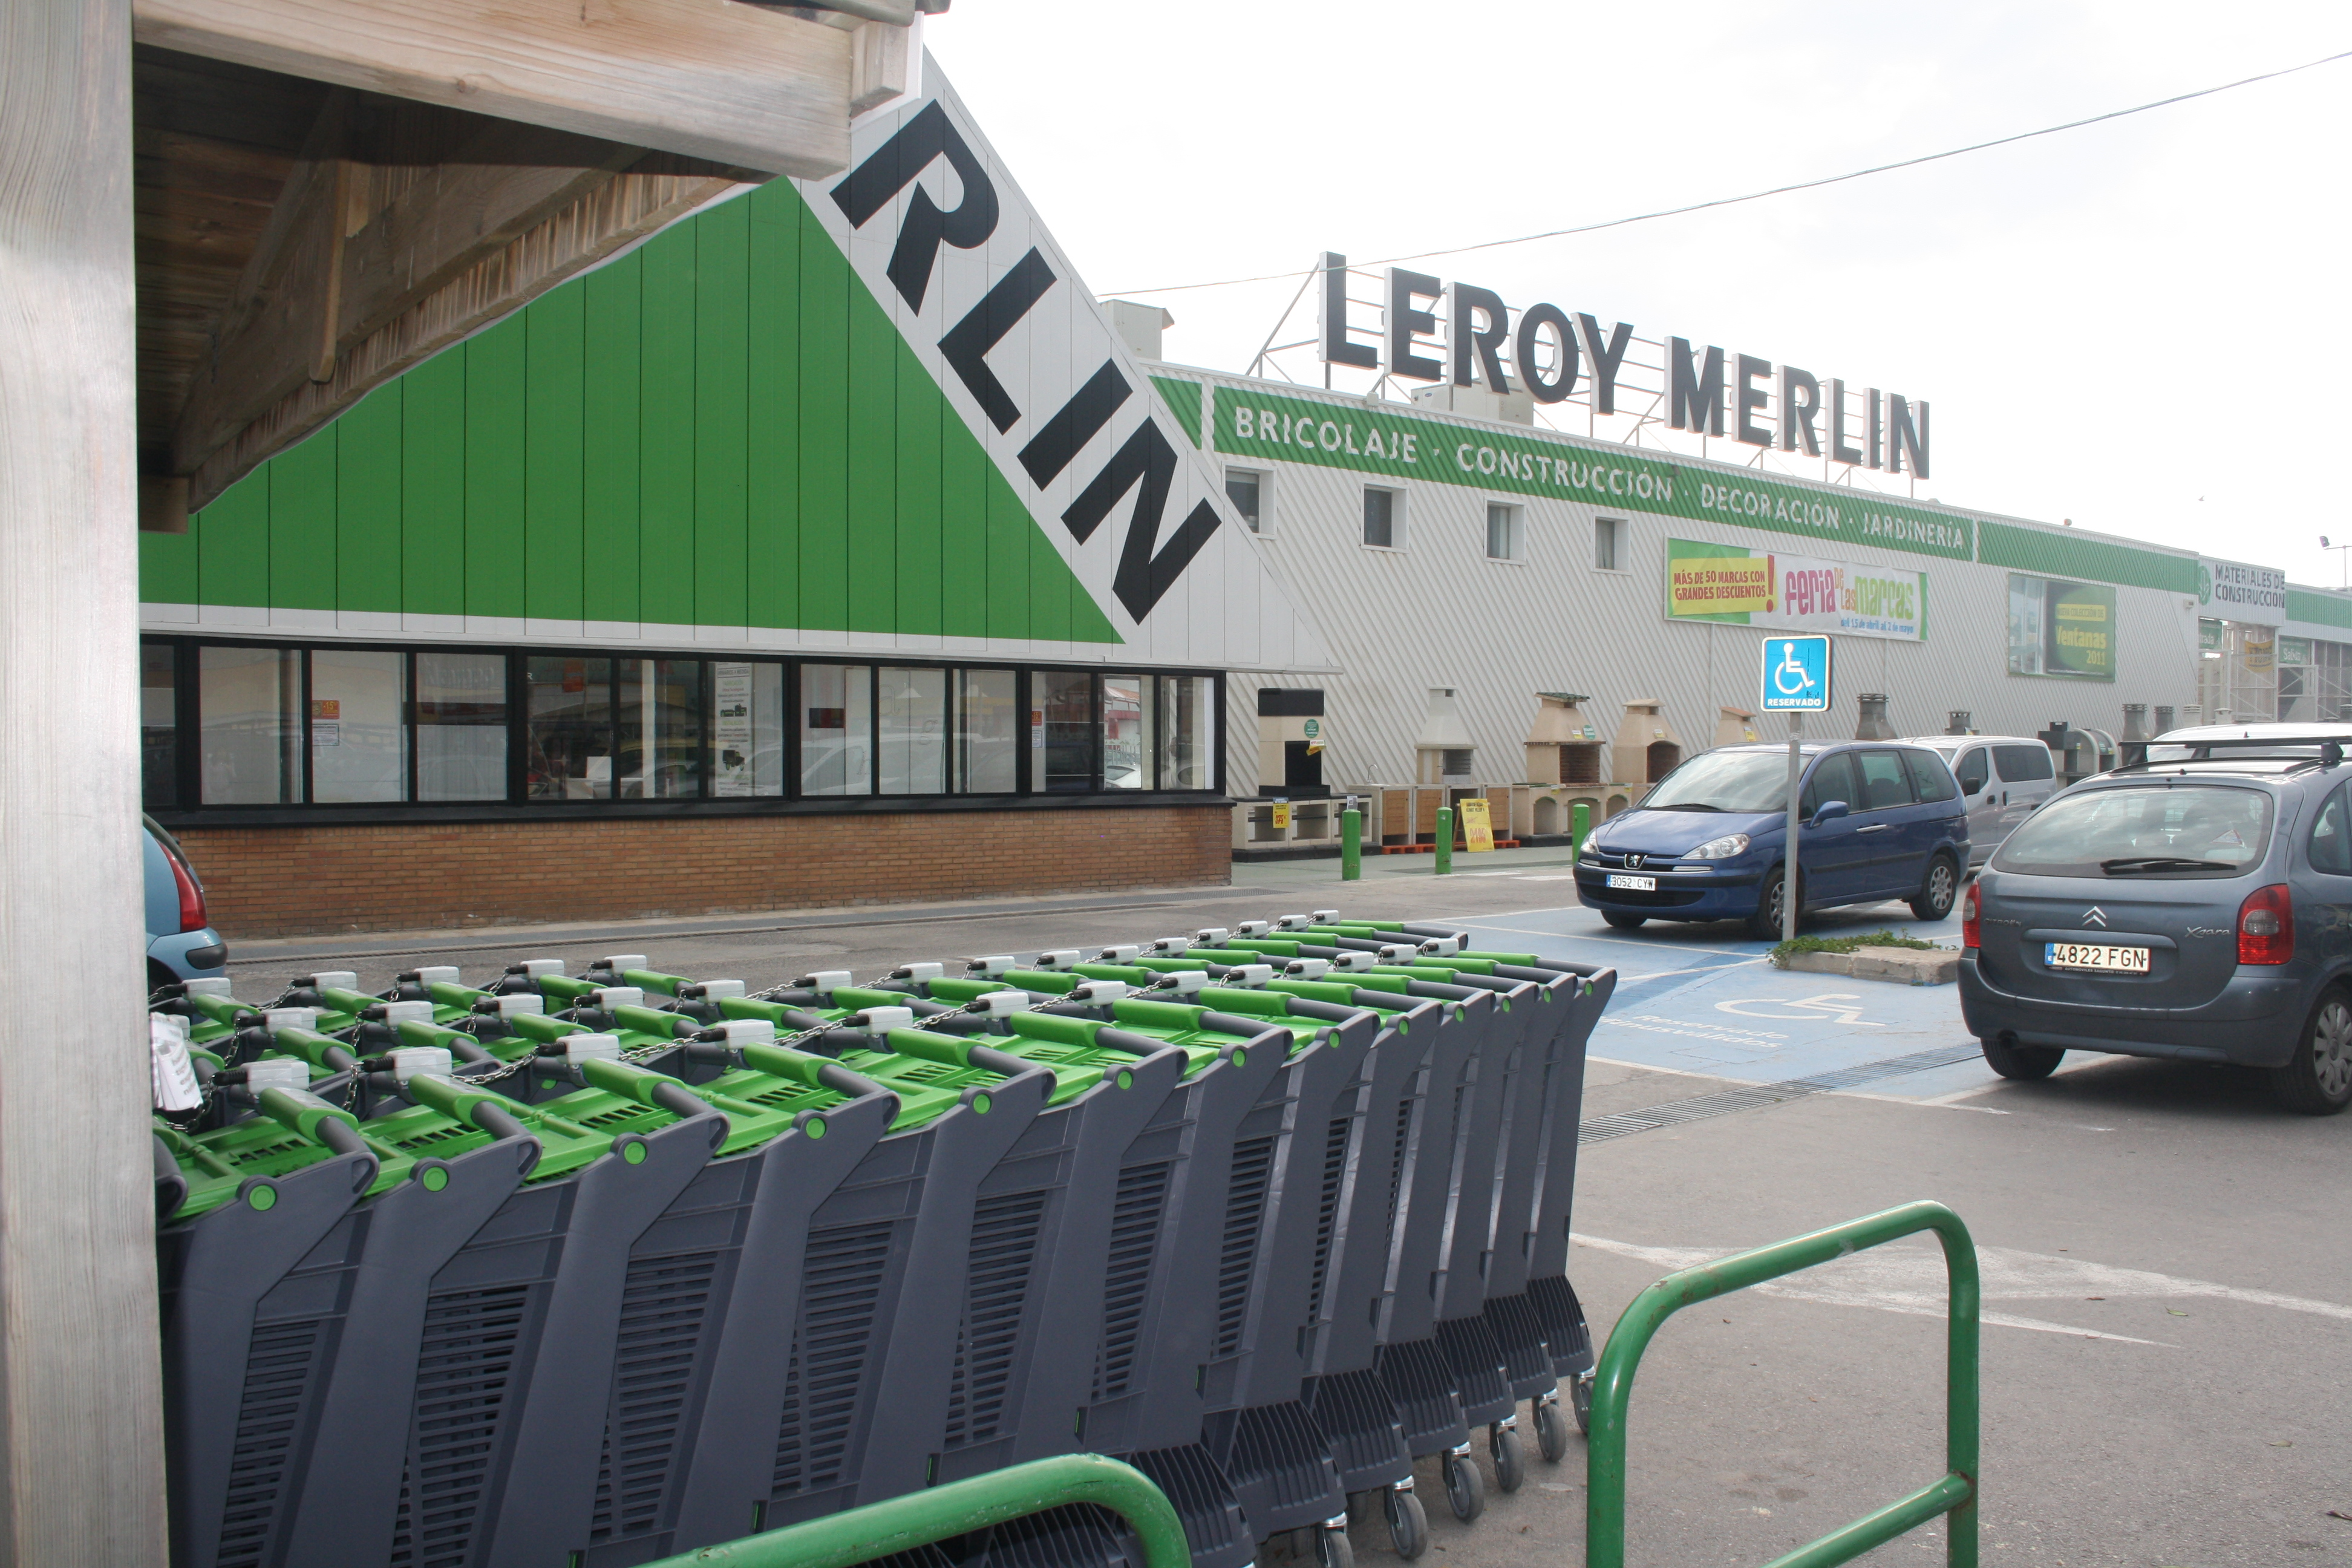 Leroy Merlin Materiales De Perfect Especial With Leroy Merlin